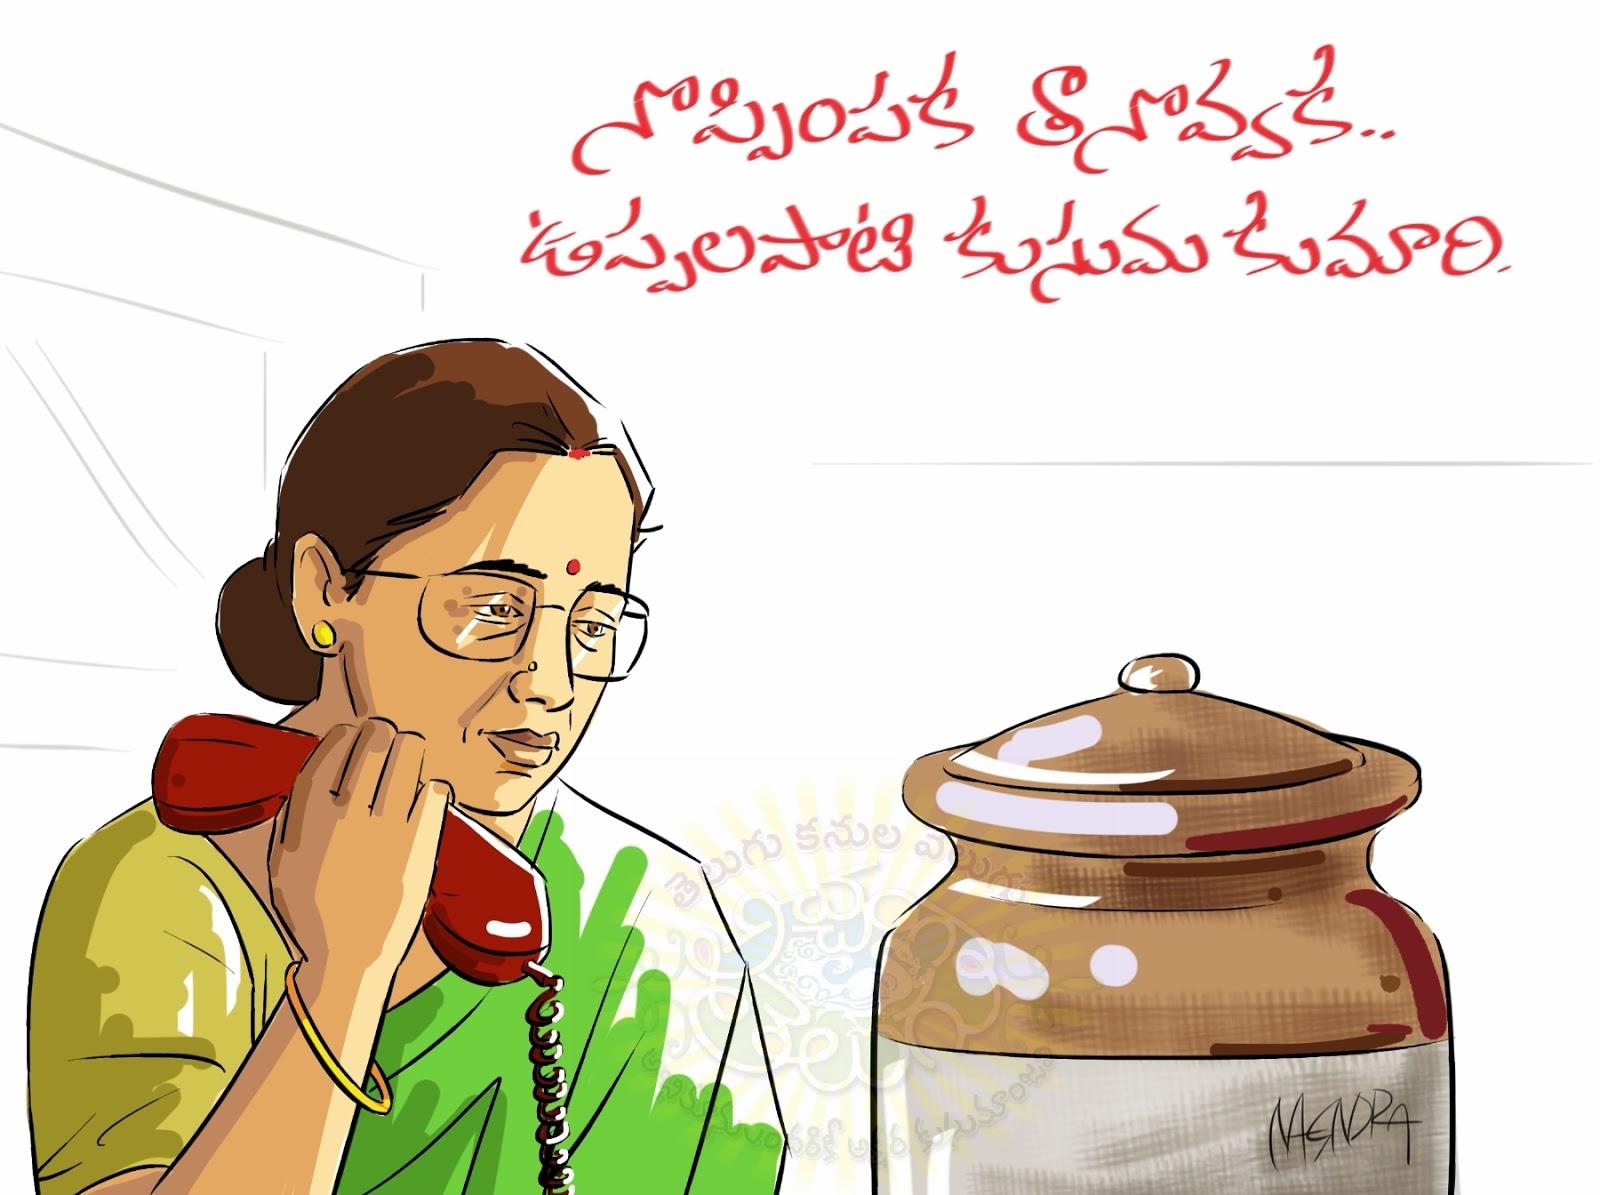 నొప్పింపక తానొవ్వక...ఉప్పలపాటి కుసుమ కుమారి, కథాకదంబం